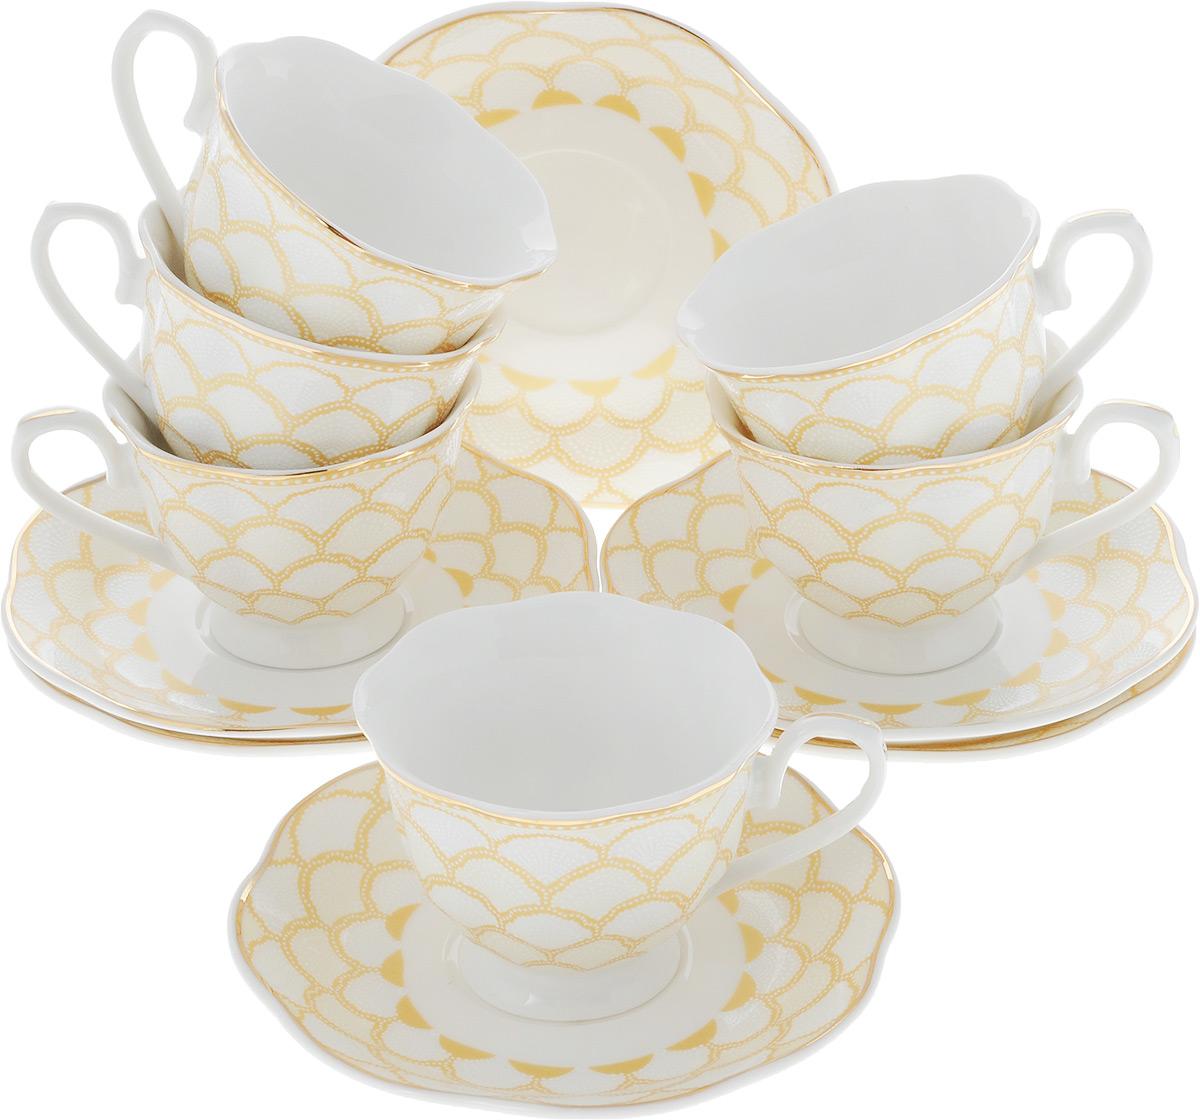 Сервиз кофейный Loraine, 12 предметов, цвет: белый, золотистый. 26444-1115510Кофейный сервиз Loraine на 6 персон выполнен из высококачественного костяного фарфора - материала, безопасного для здоровья и надолго сохраняющего тепло напитка. В наборе 6 чашек и 6 блюдец. Несмотря на свою внешнюю хрупкость, каждый из предметов набора обладает высокой прочностью и надежностью. Изделия украшены тонкой золотой каймой, внешние стенки дополнены рельефным орнаментом. Элегантный классический дизайн сделает этот набор изысканным украшением любого стола. Набор упакован в подарочную коробку, поэтому его можно преподнести в качестве оригинального и практичного подарка для родных и близких. Подходит для мытья в посудомоечной машине.Объем чашки: 80 мл. Диаметр чашки (по верхнему краю): 7 см. Высота чашки: 5,5 см. Диаметр блюдца: 11,5 см.